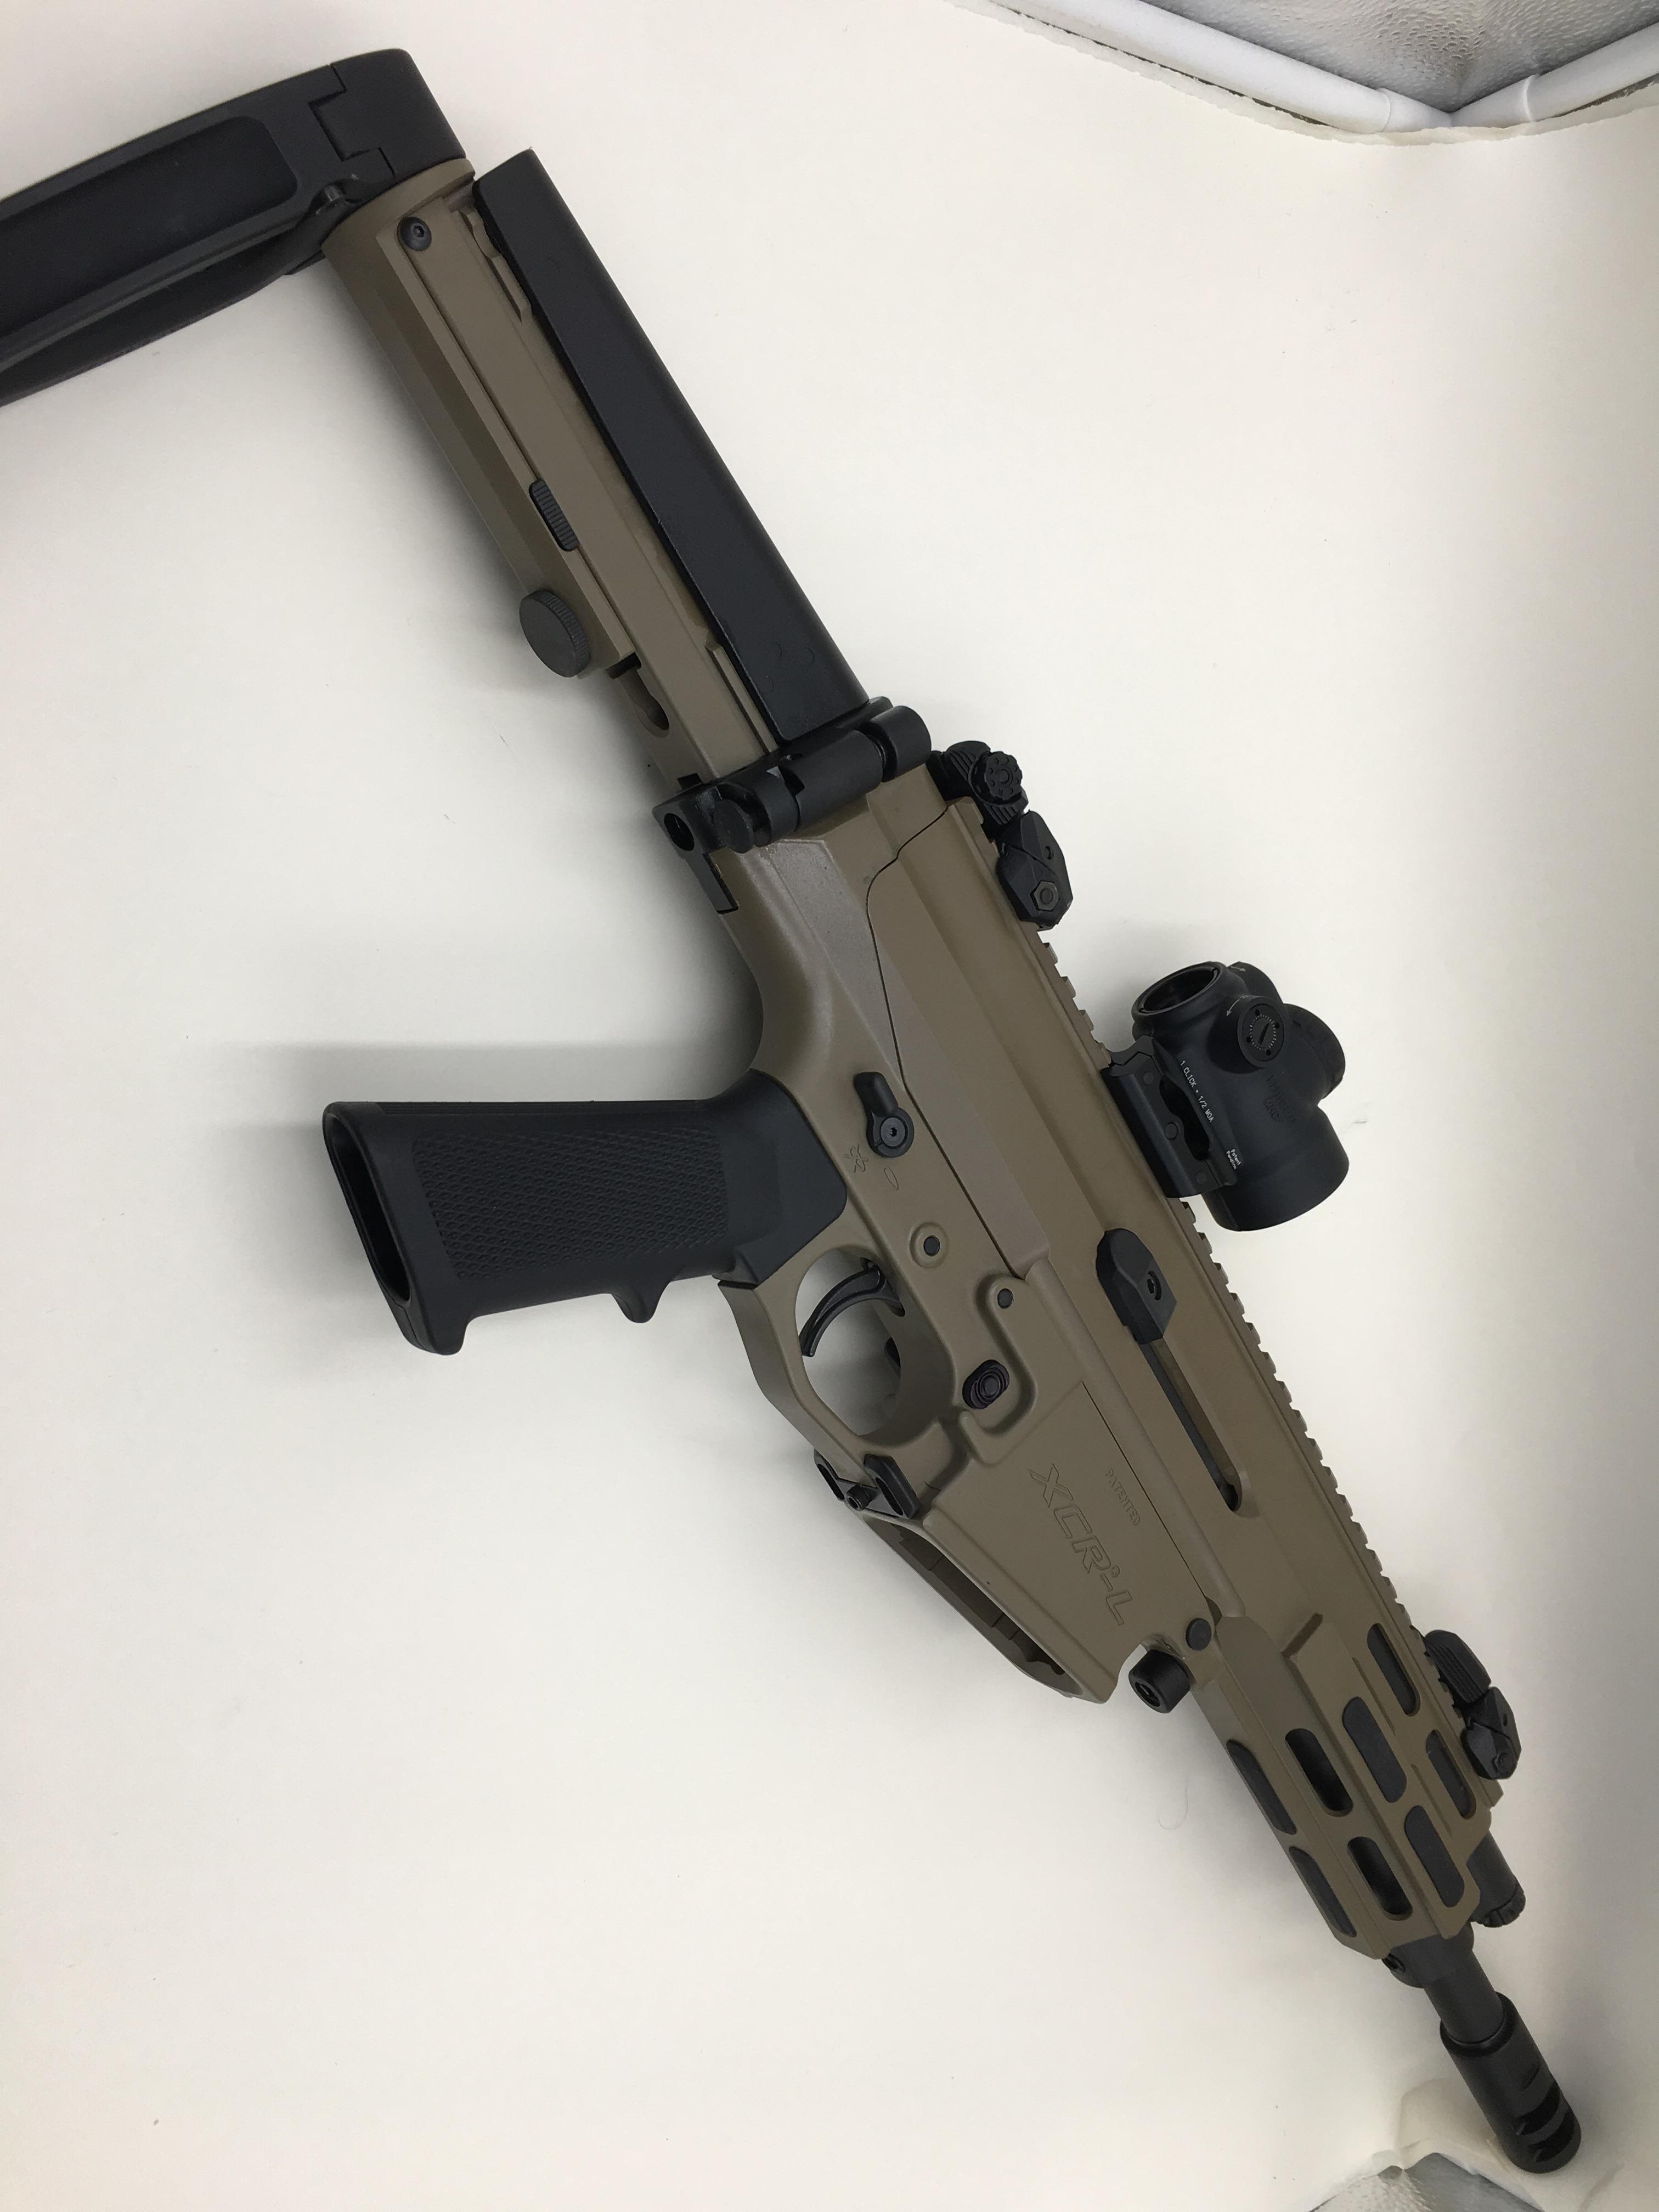 My New XCR-L Pistol-0c22226f-5be2-4f60-8ad4-2016dfe839fd_1553711157640.jpeg